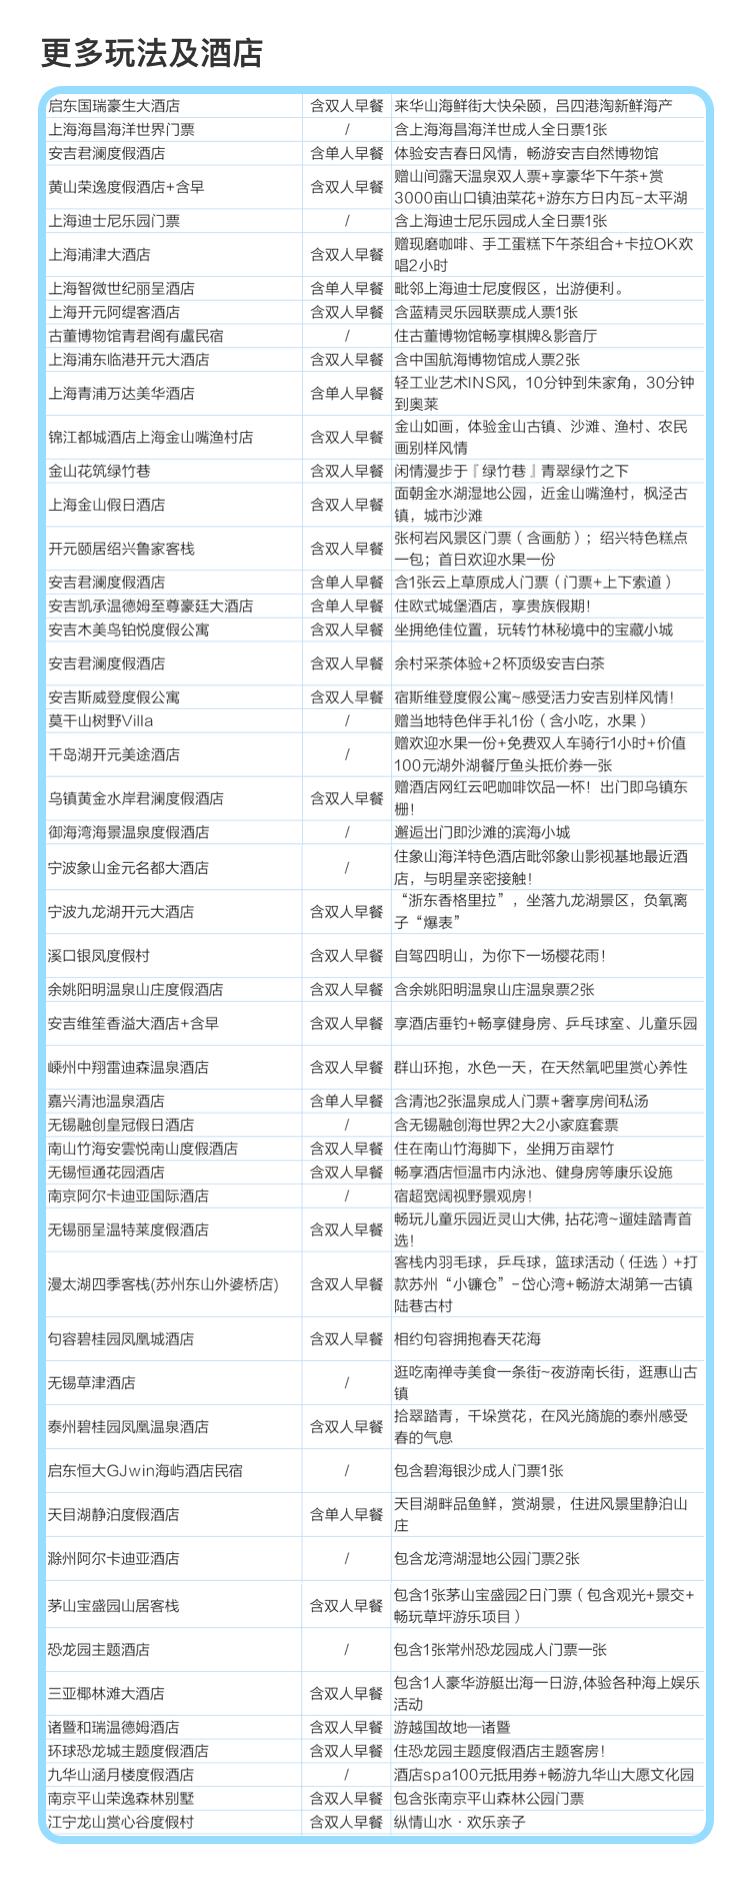 闅忓績娓镐細鍛橀〉6@2x.png